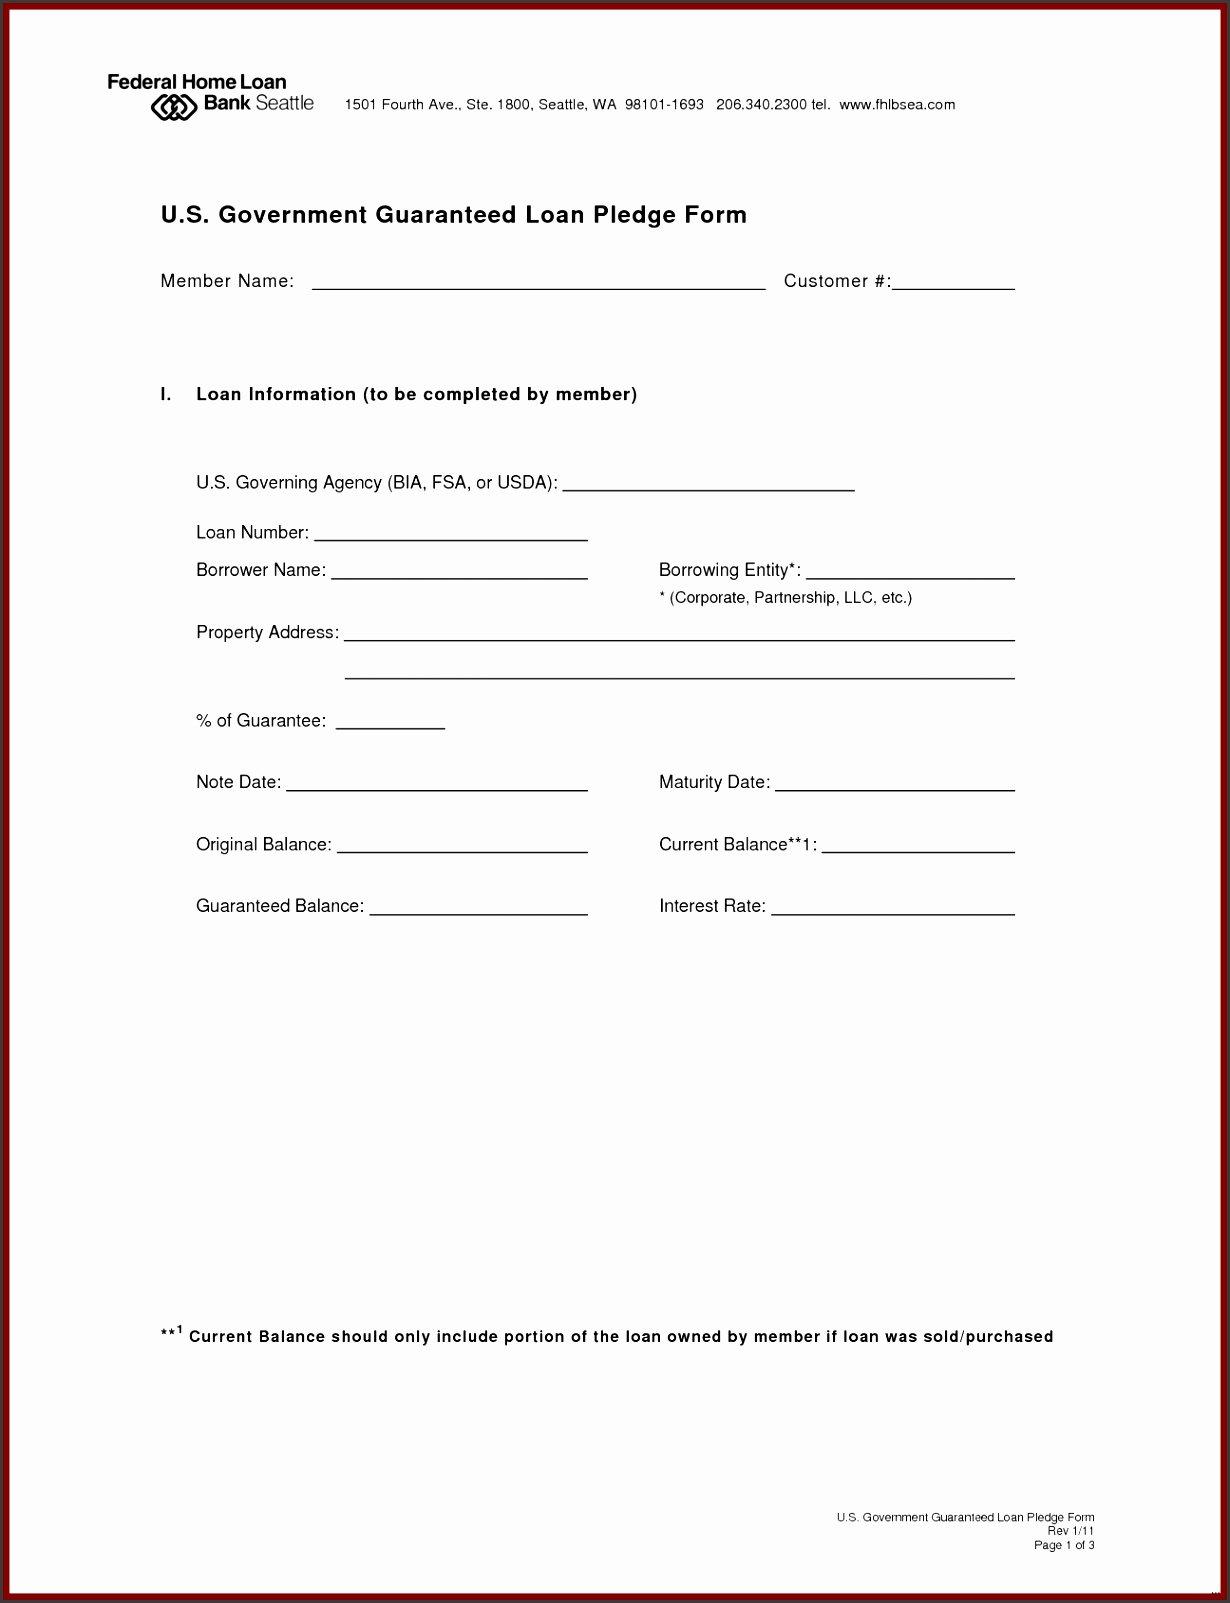 Loan Agreement Between Friends Template Awesome 10 Friend Loan Agreement Template Sampletemplatess